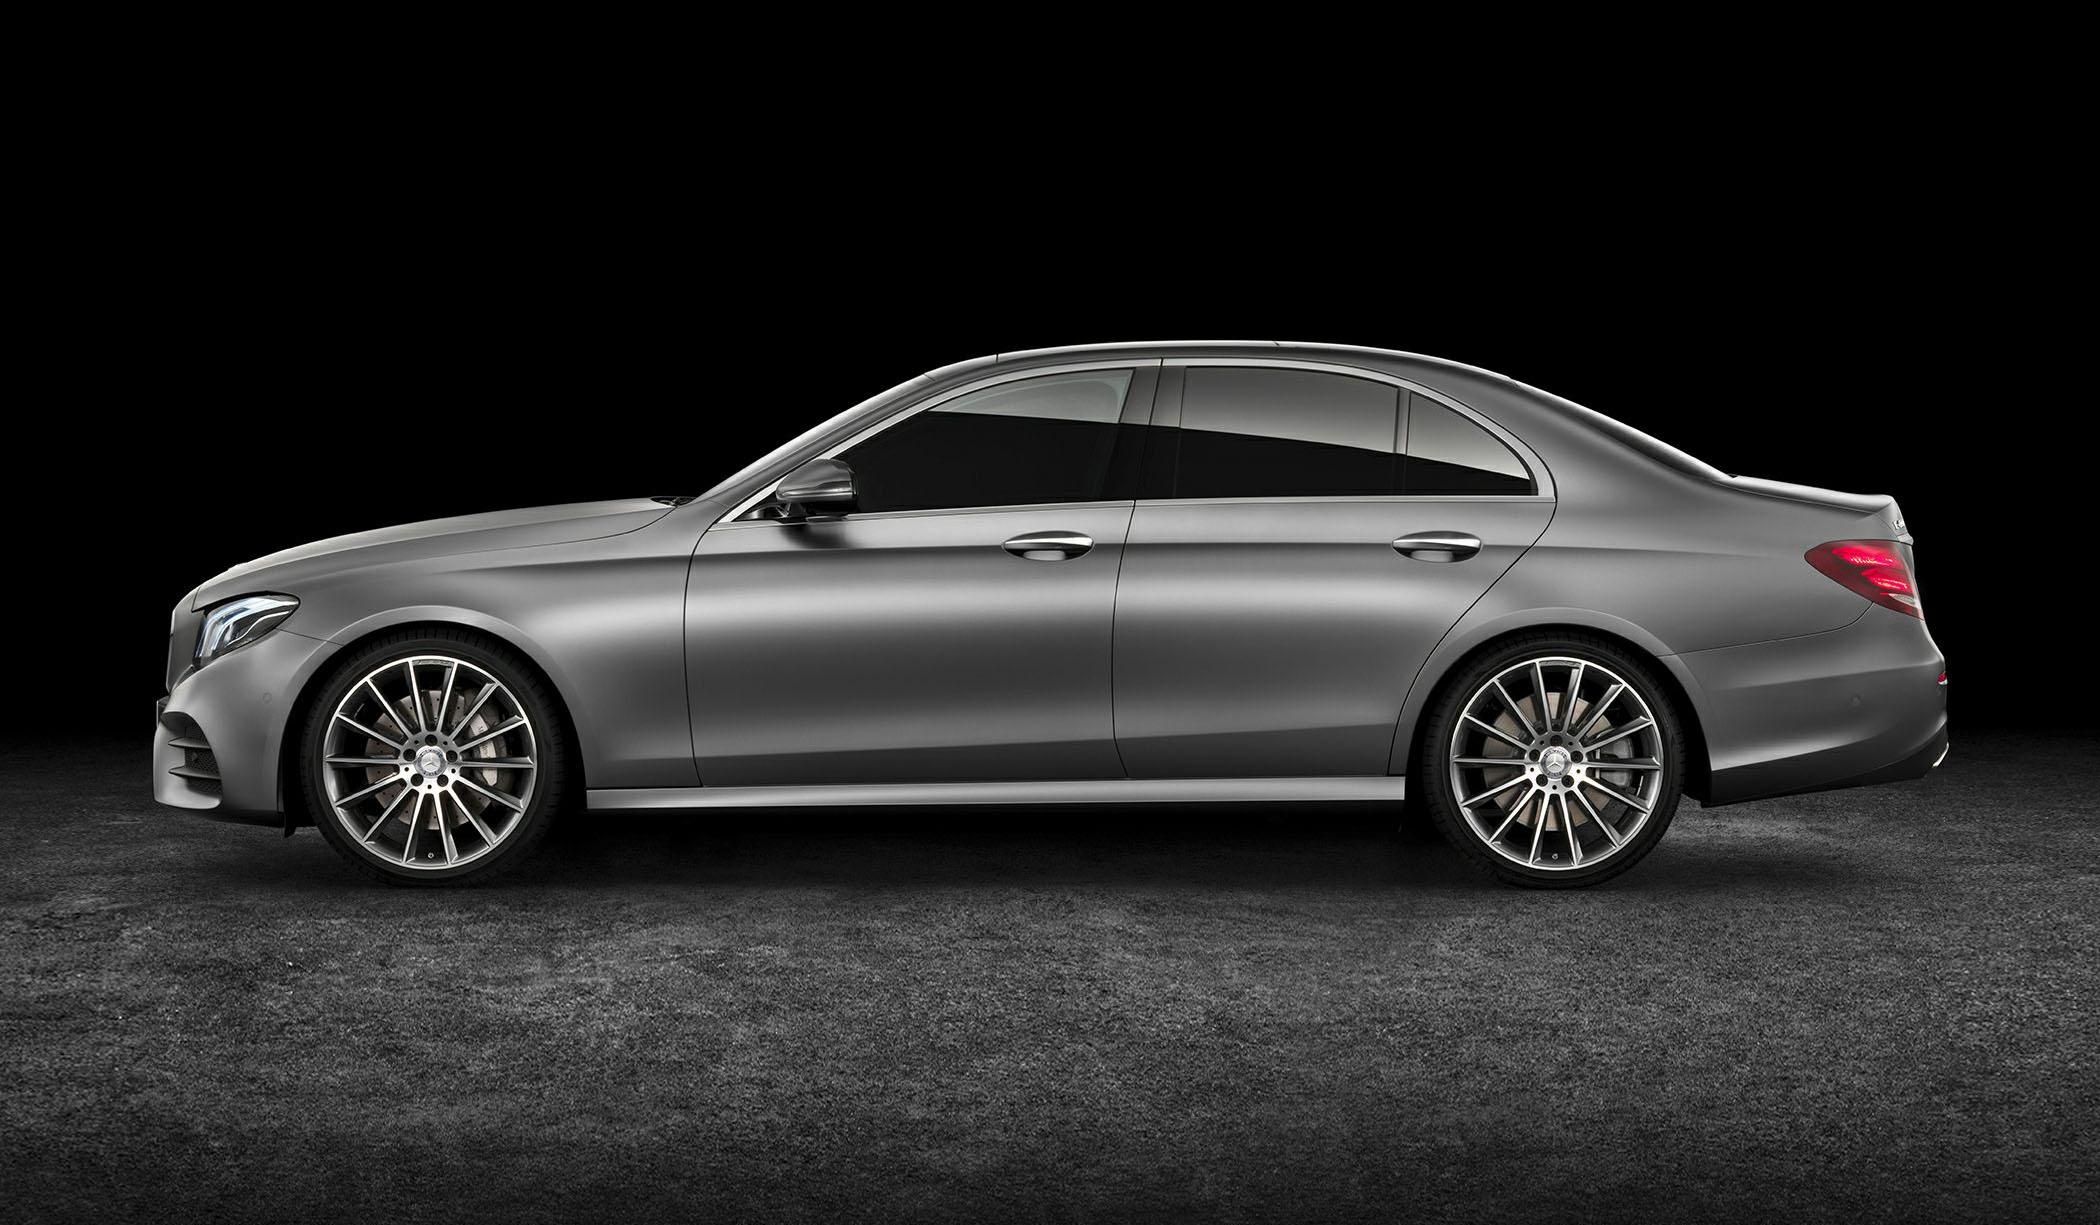 Mercedes-Benz E300 (2019) - LLMotors